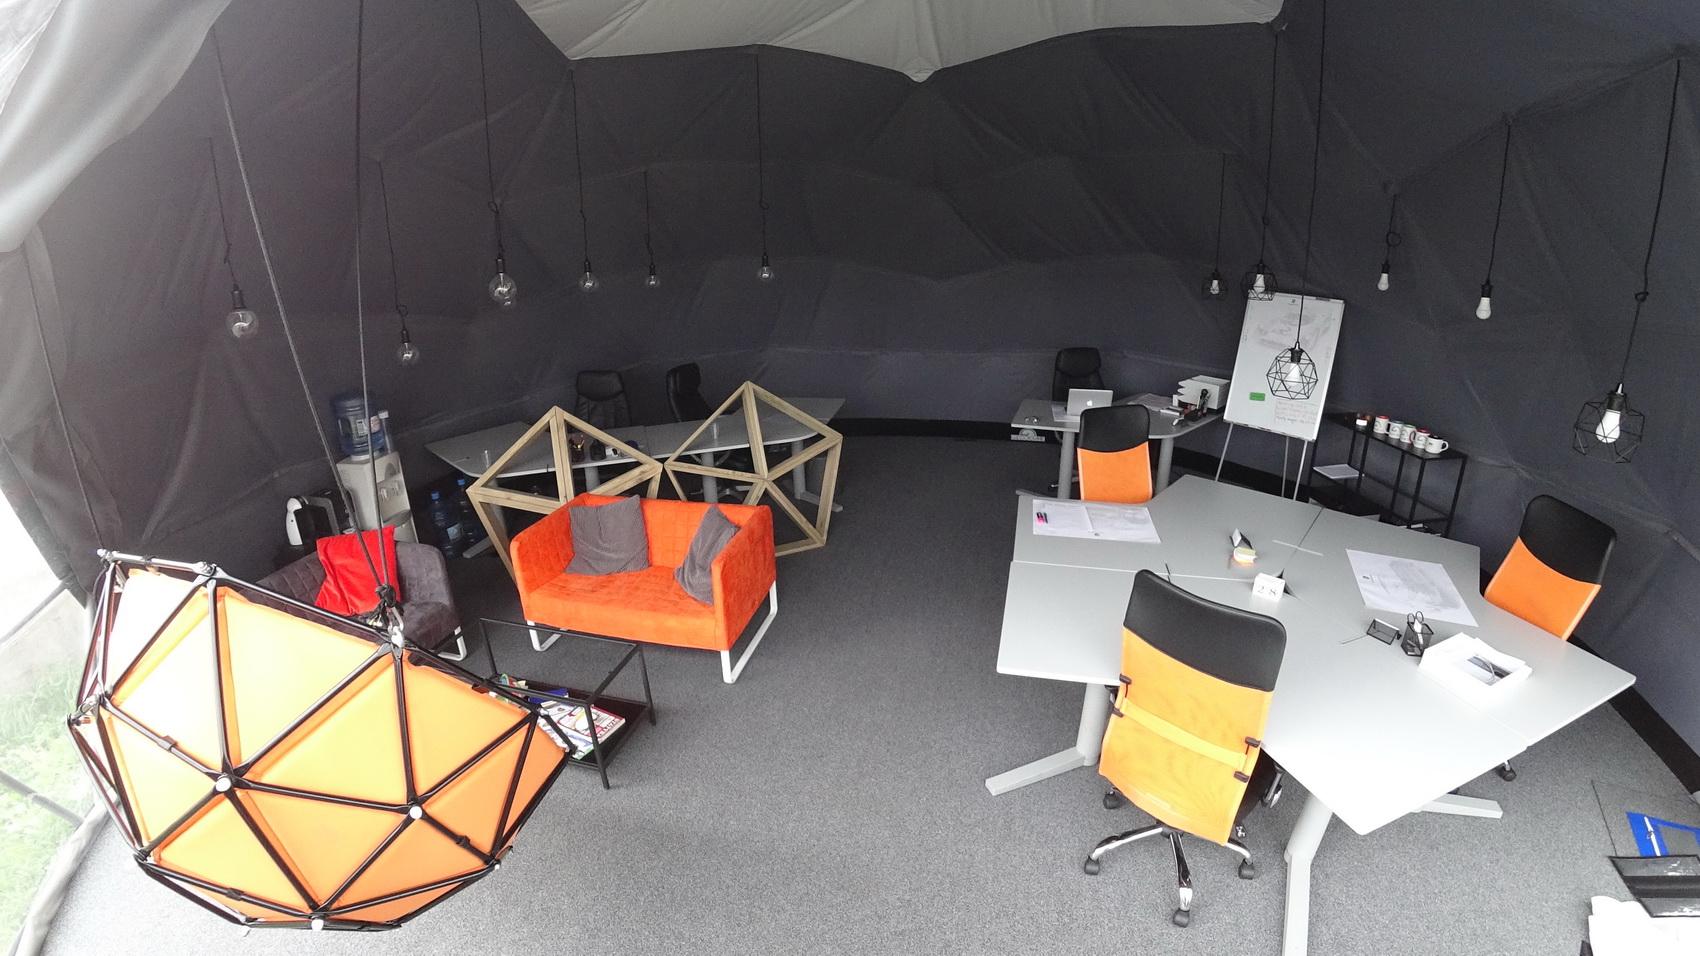 Kupolinių konstrukcijų mobili biuro studia 50m2 | Vilnius, Lithuania